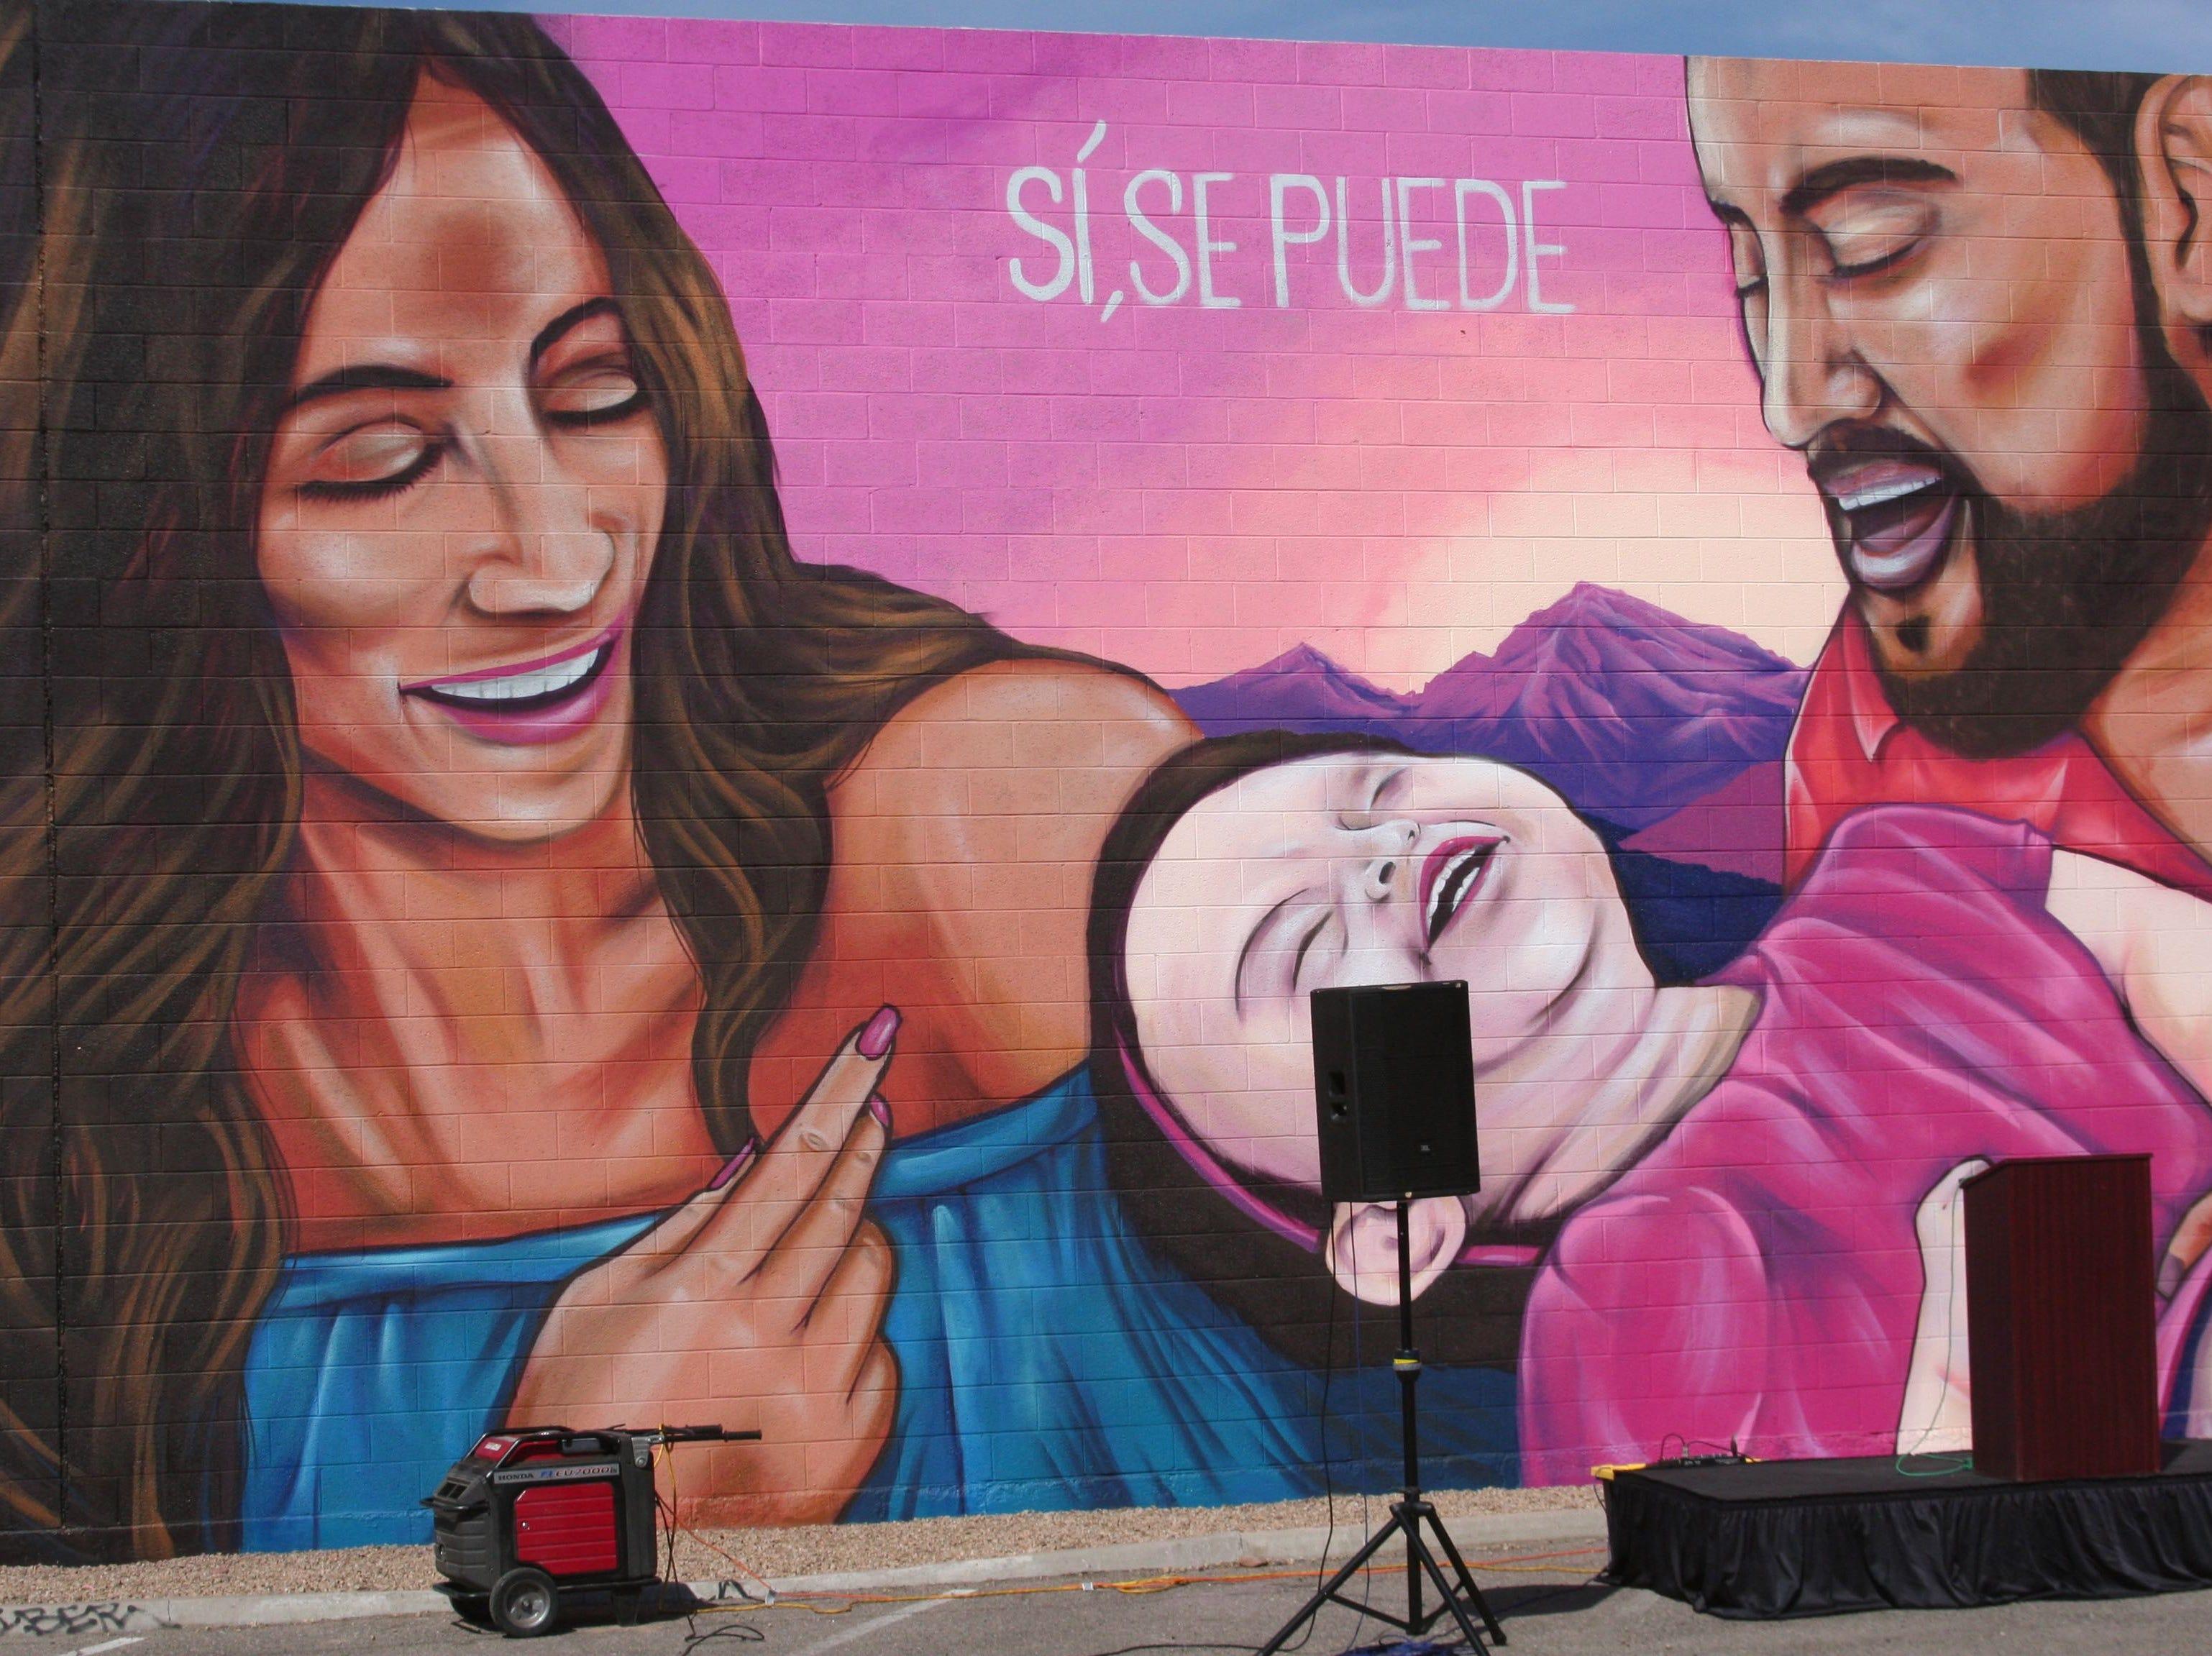 La icónica frase del movimiento campesino de César Chávez, es el centro de la obra que desde el pasado domingo puede ser admirada en su totalidad.